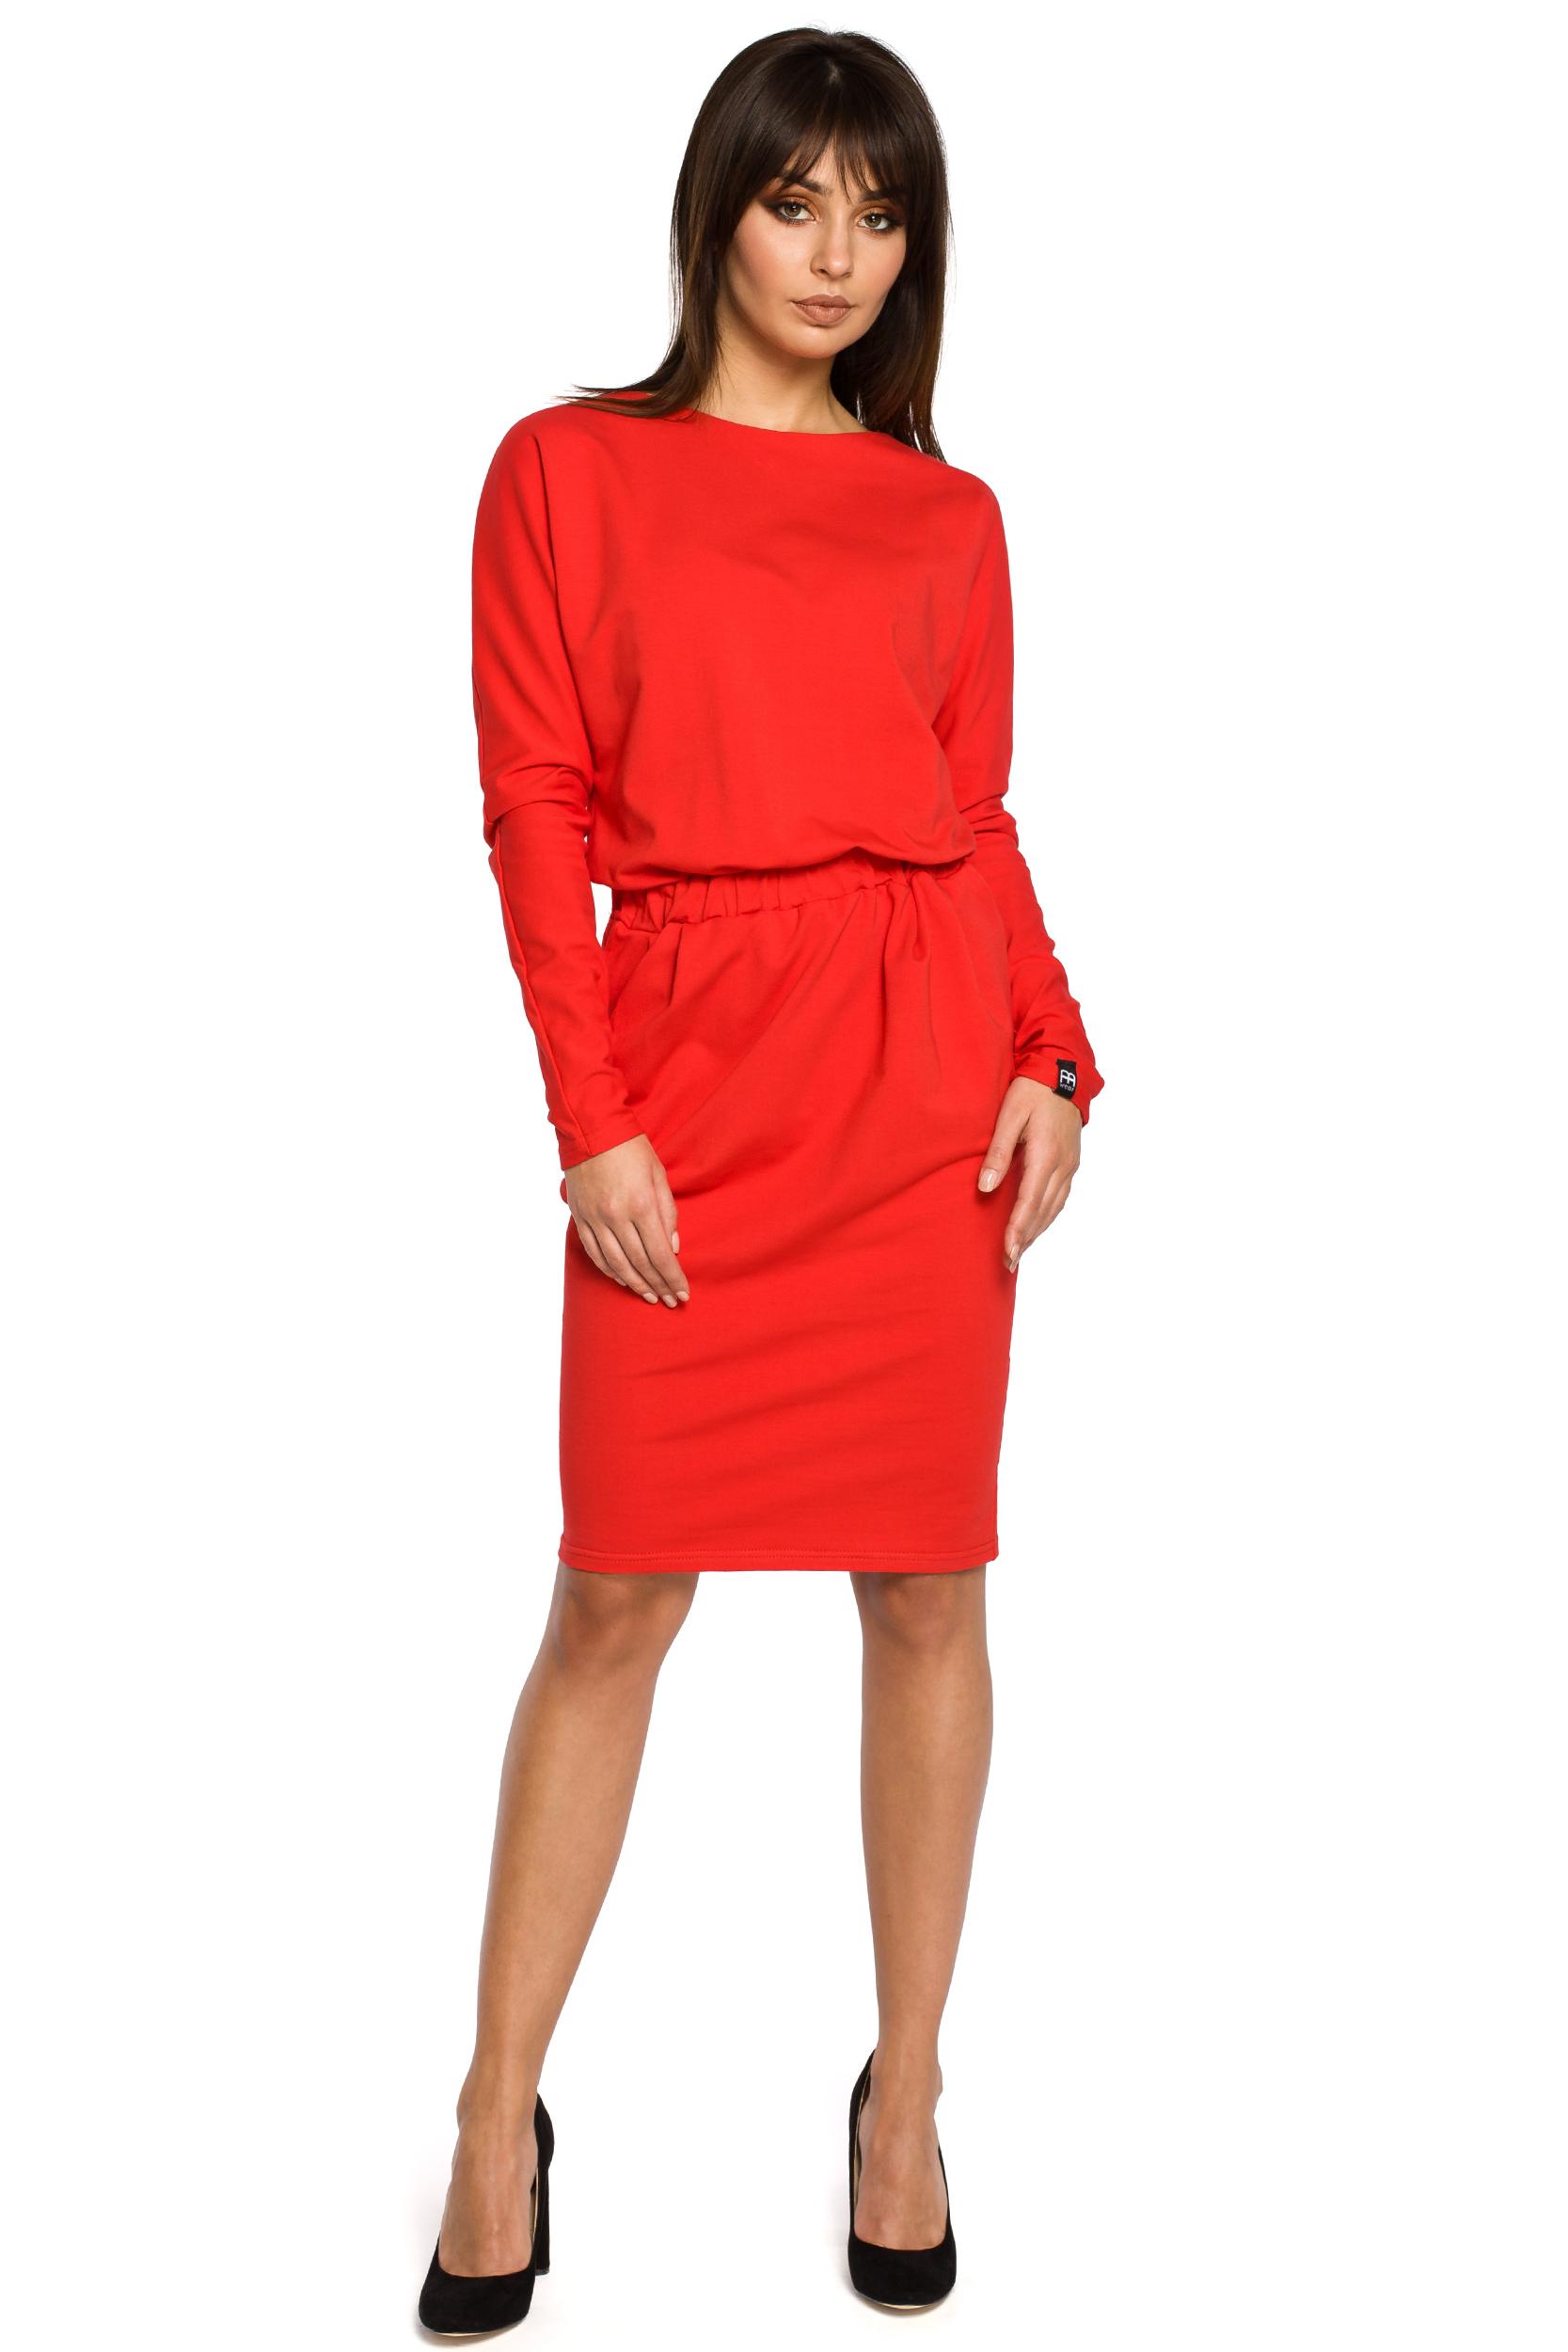 bccadfcca8cb BE WEAR Červené úpletové šaty s dlhým rukávom a elastickým pásom ...